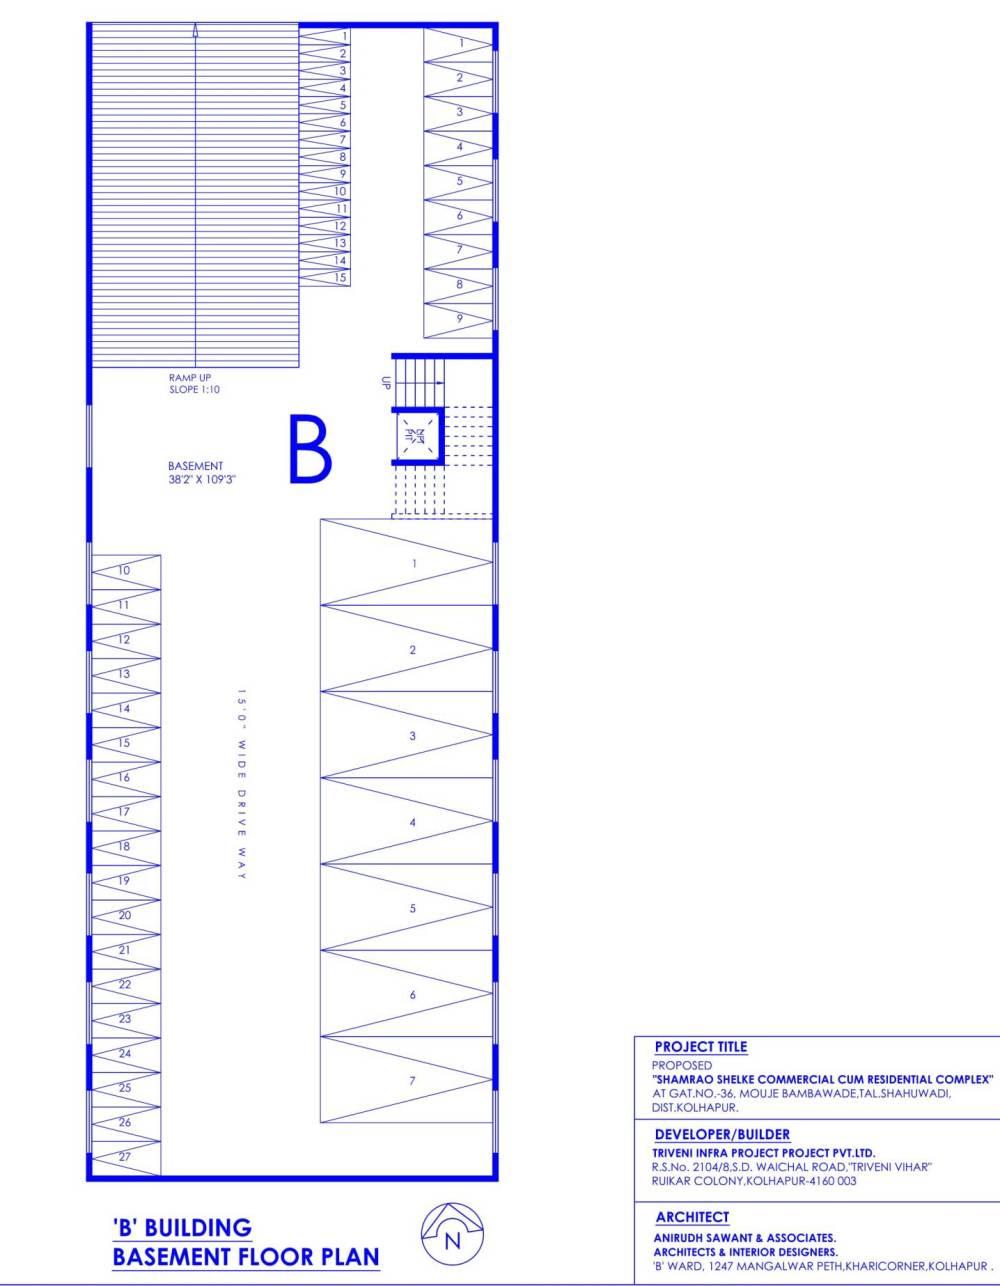 medium resolution of b building basement floor plan